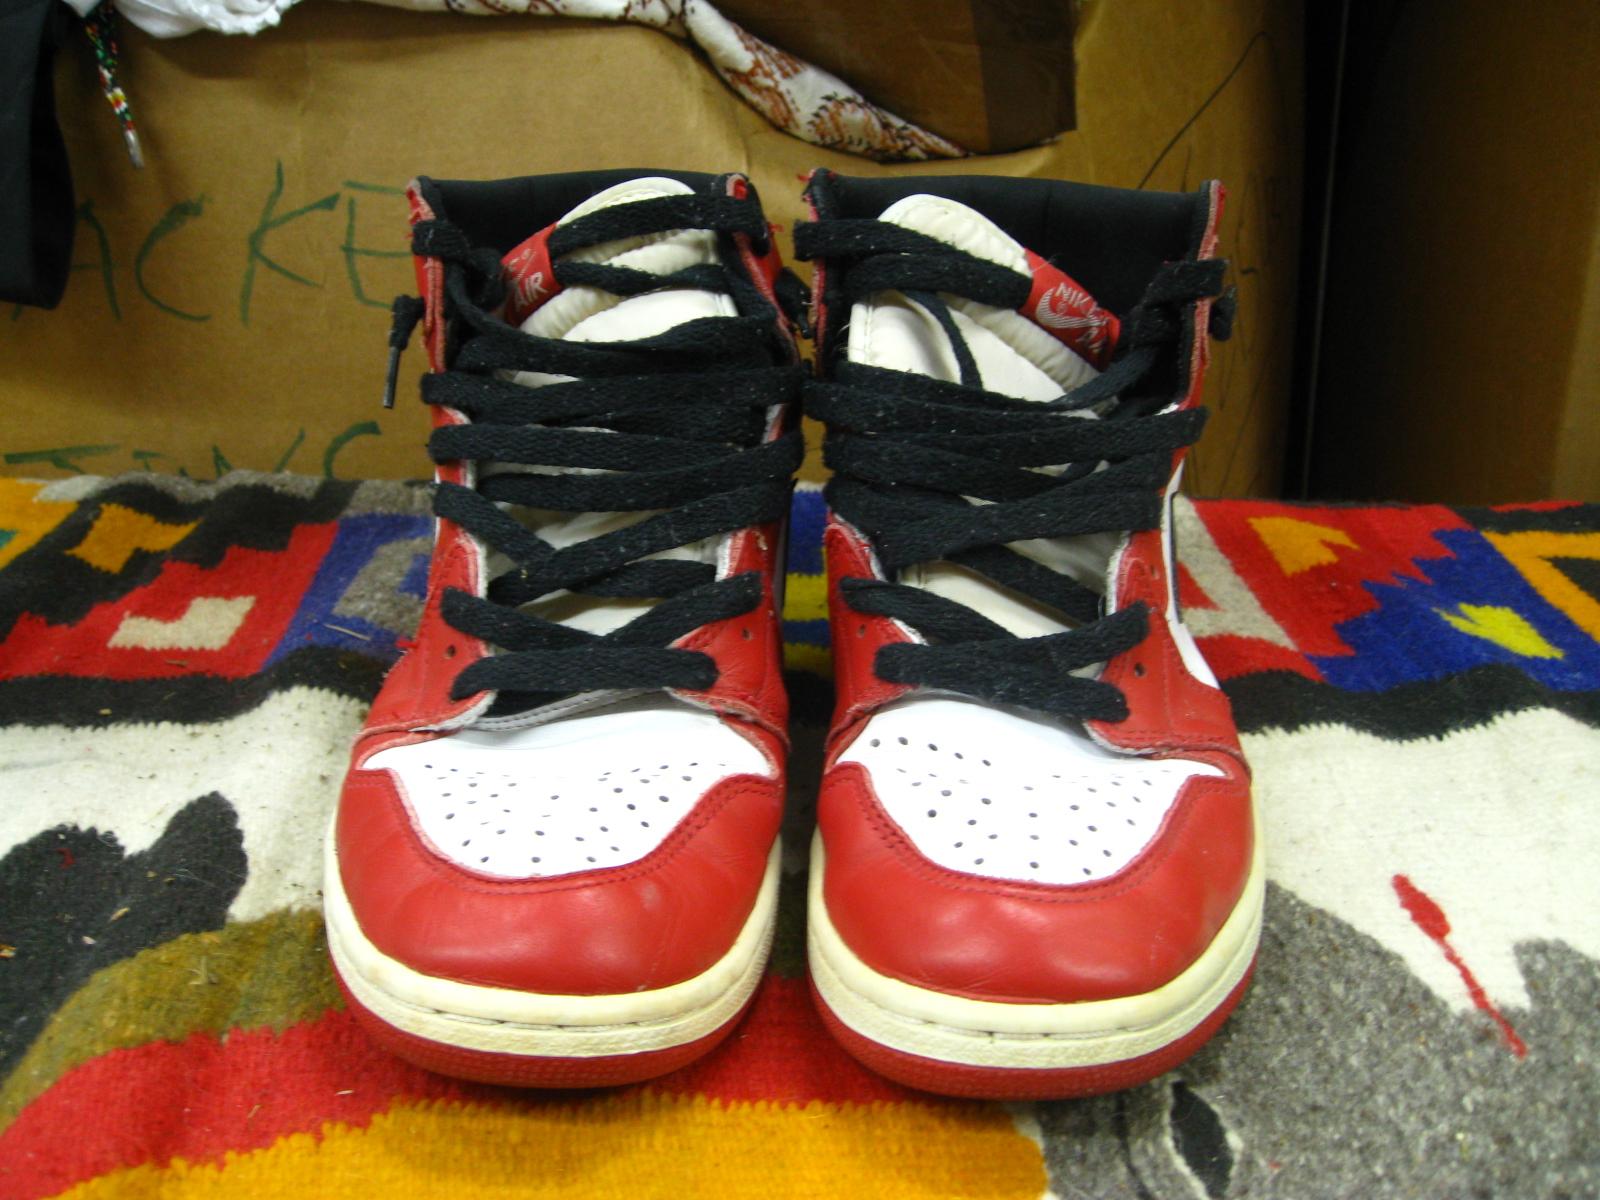 2008-12-12_no-blog-422